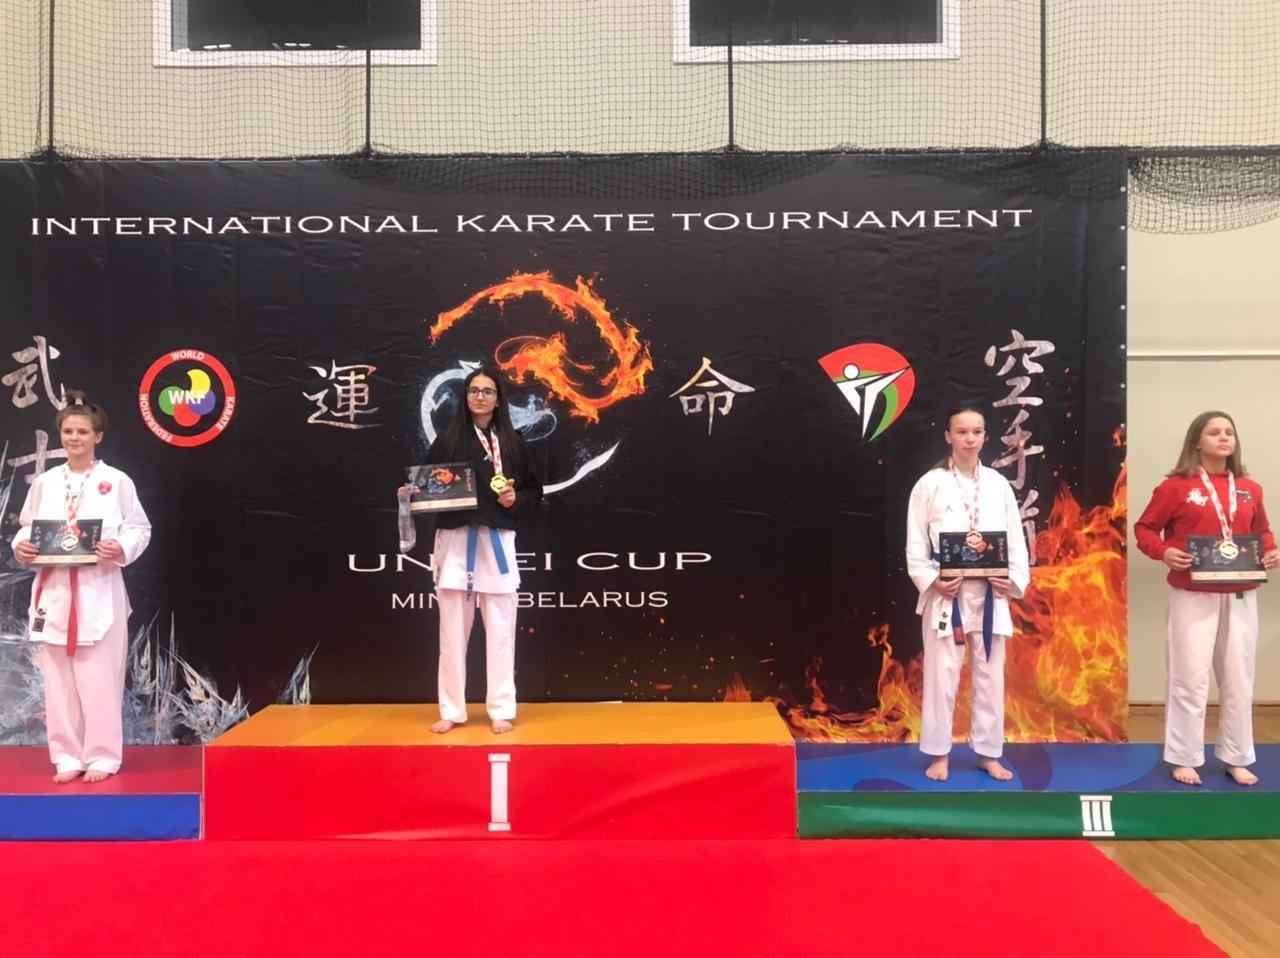 Azərbaycan karateçiləri Beynəlxalq turnirində 22 mükafat qazandı (FOTO) - Gallery Image